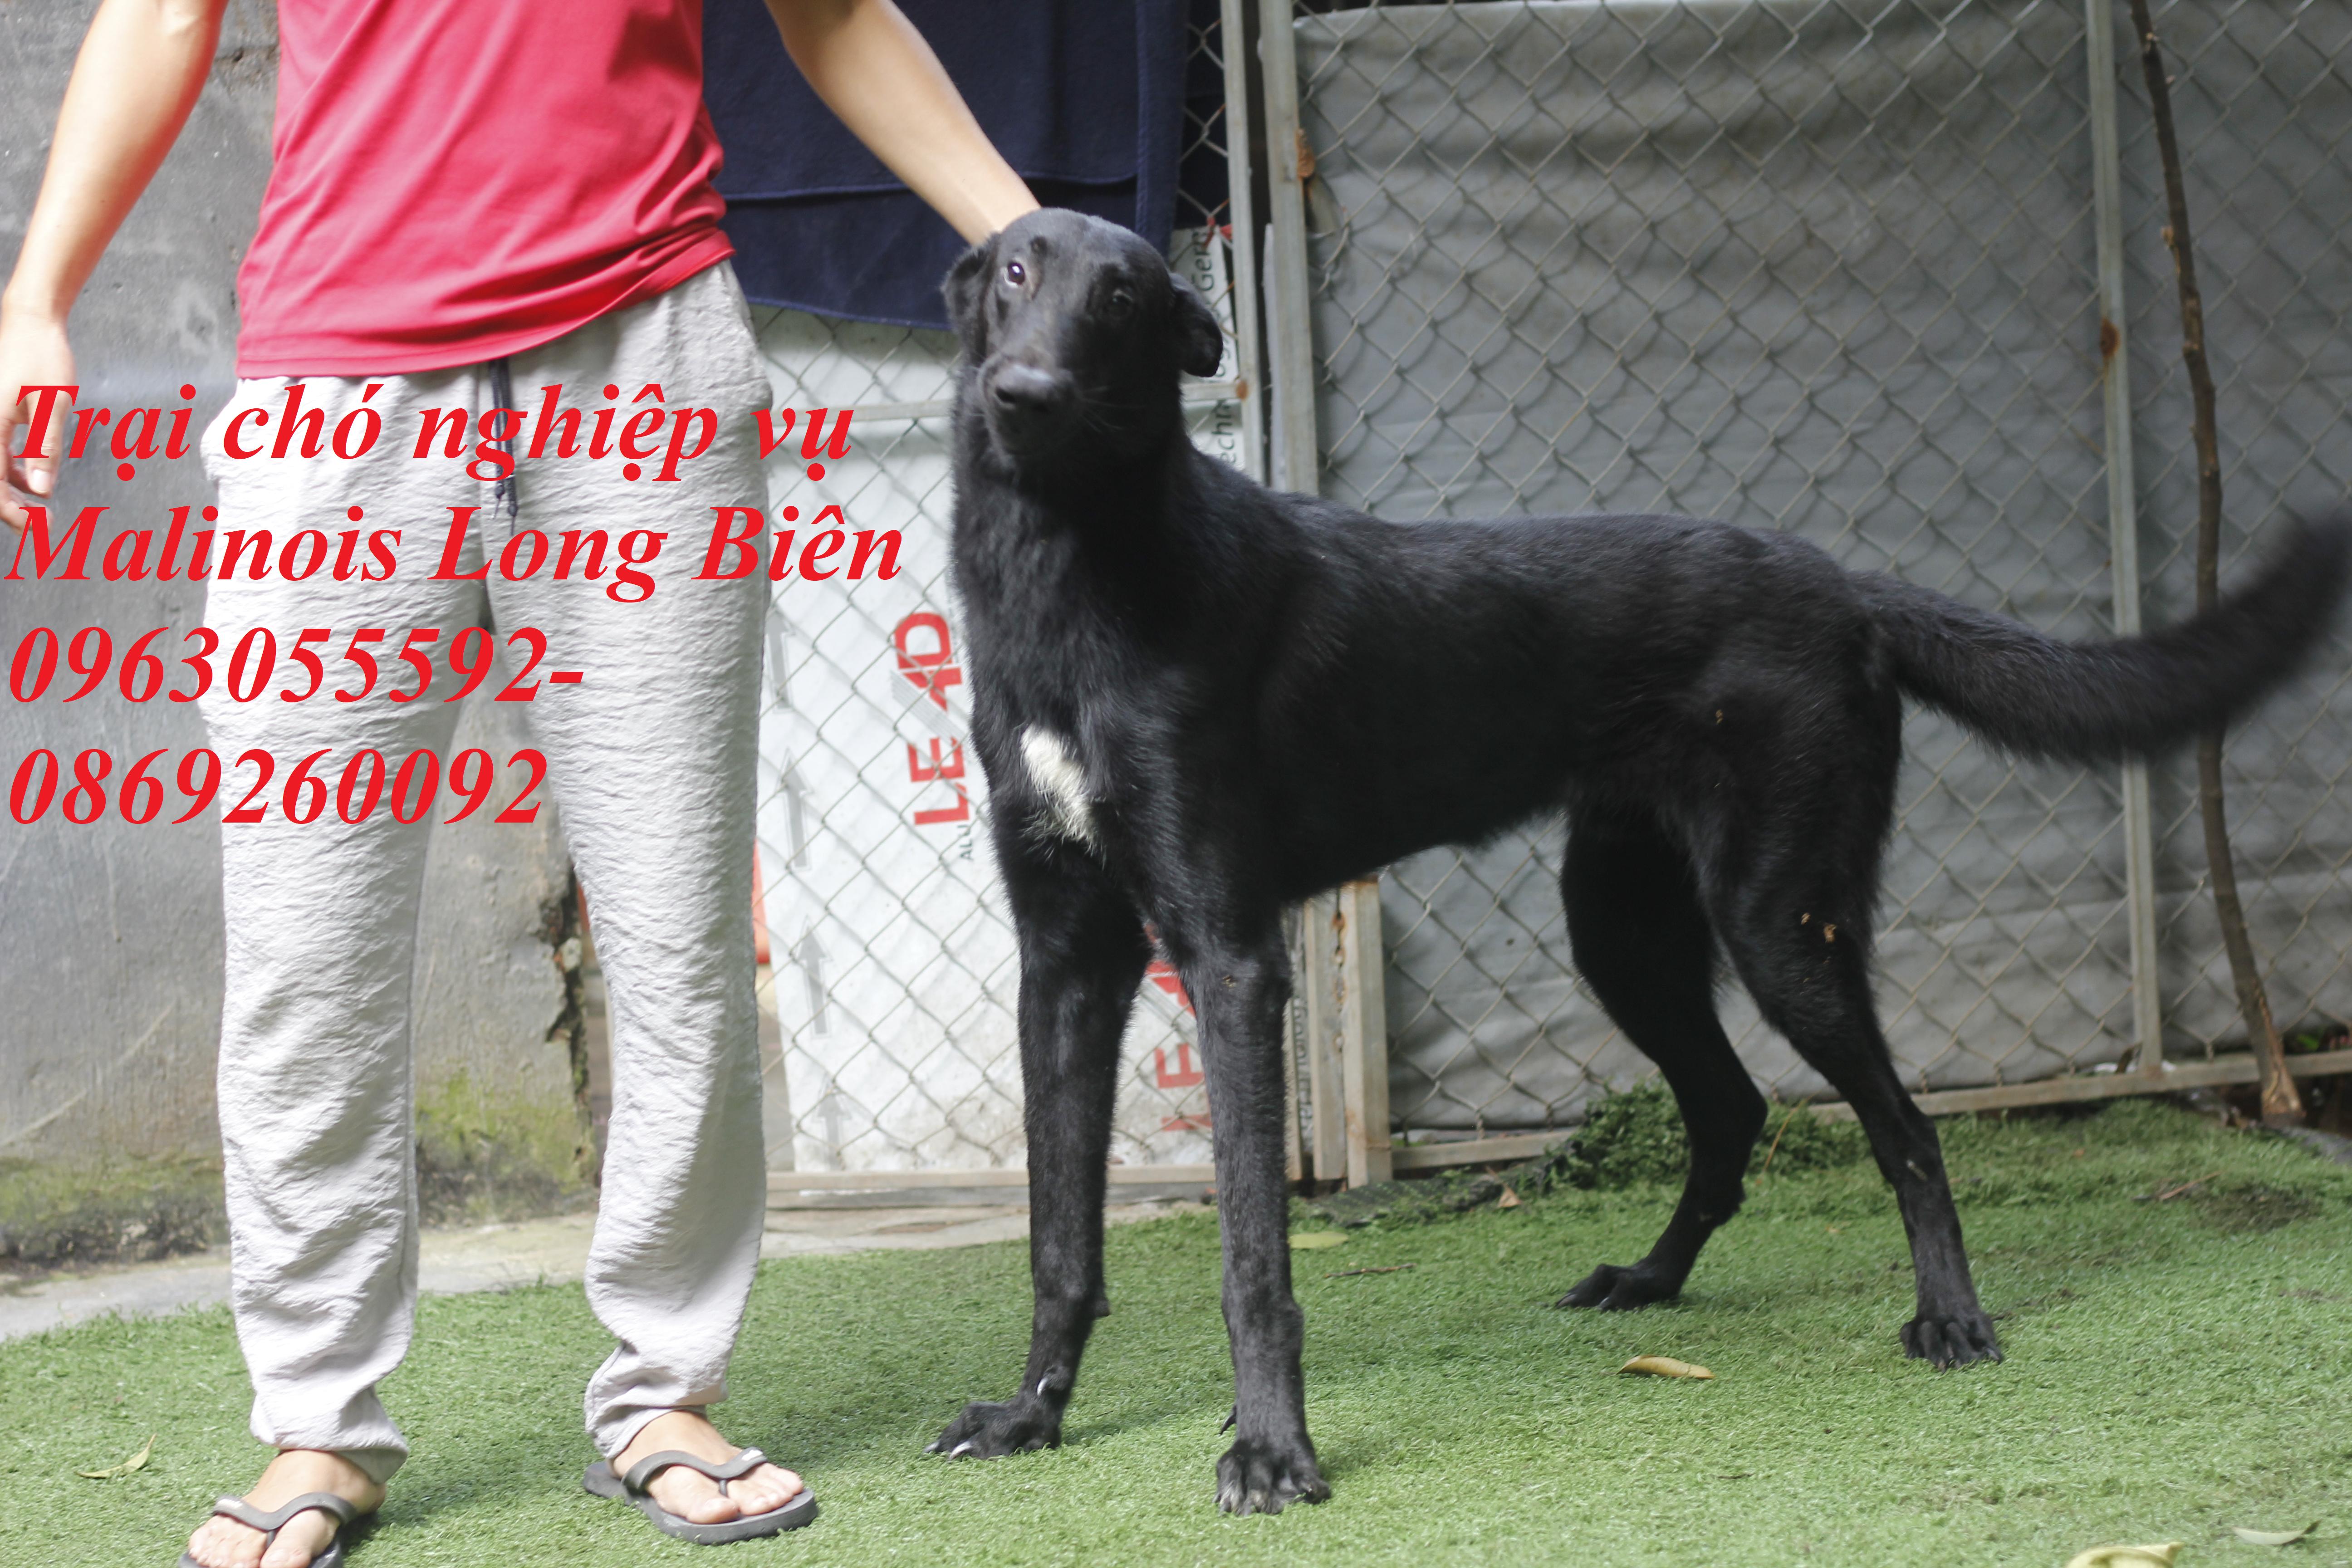 Chó trưởng thành tại trại chó Malinois Long Biên